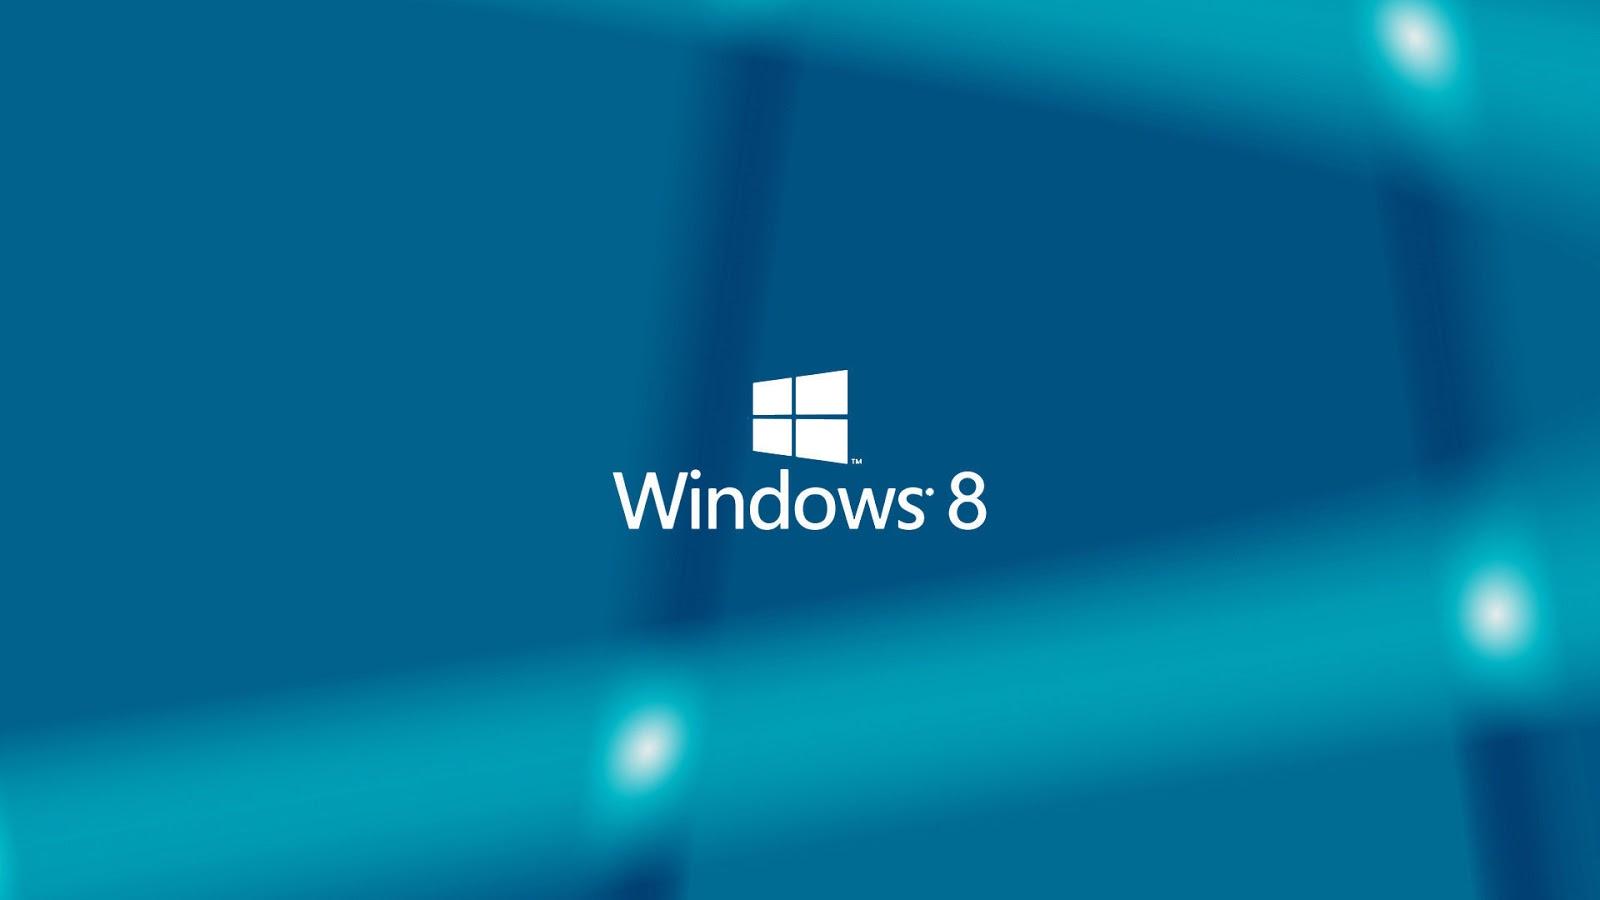 windows 8 genuine download